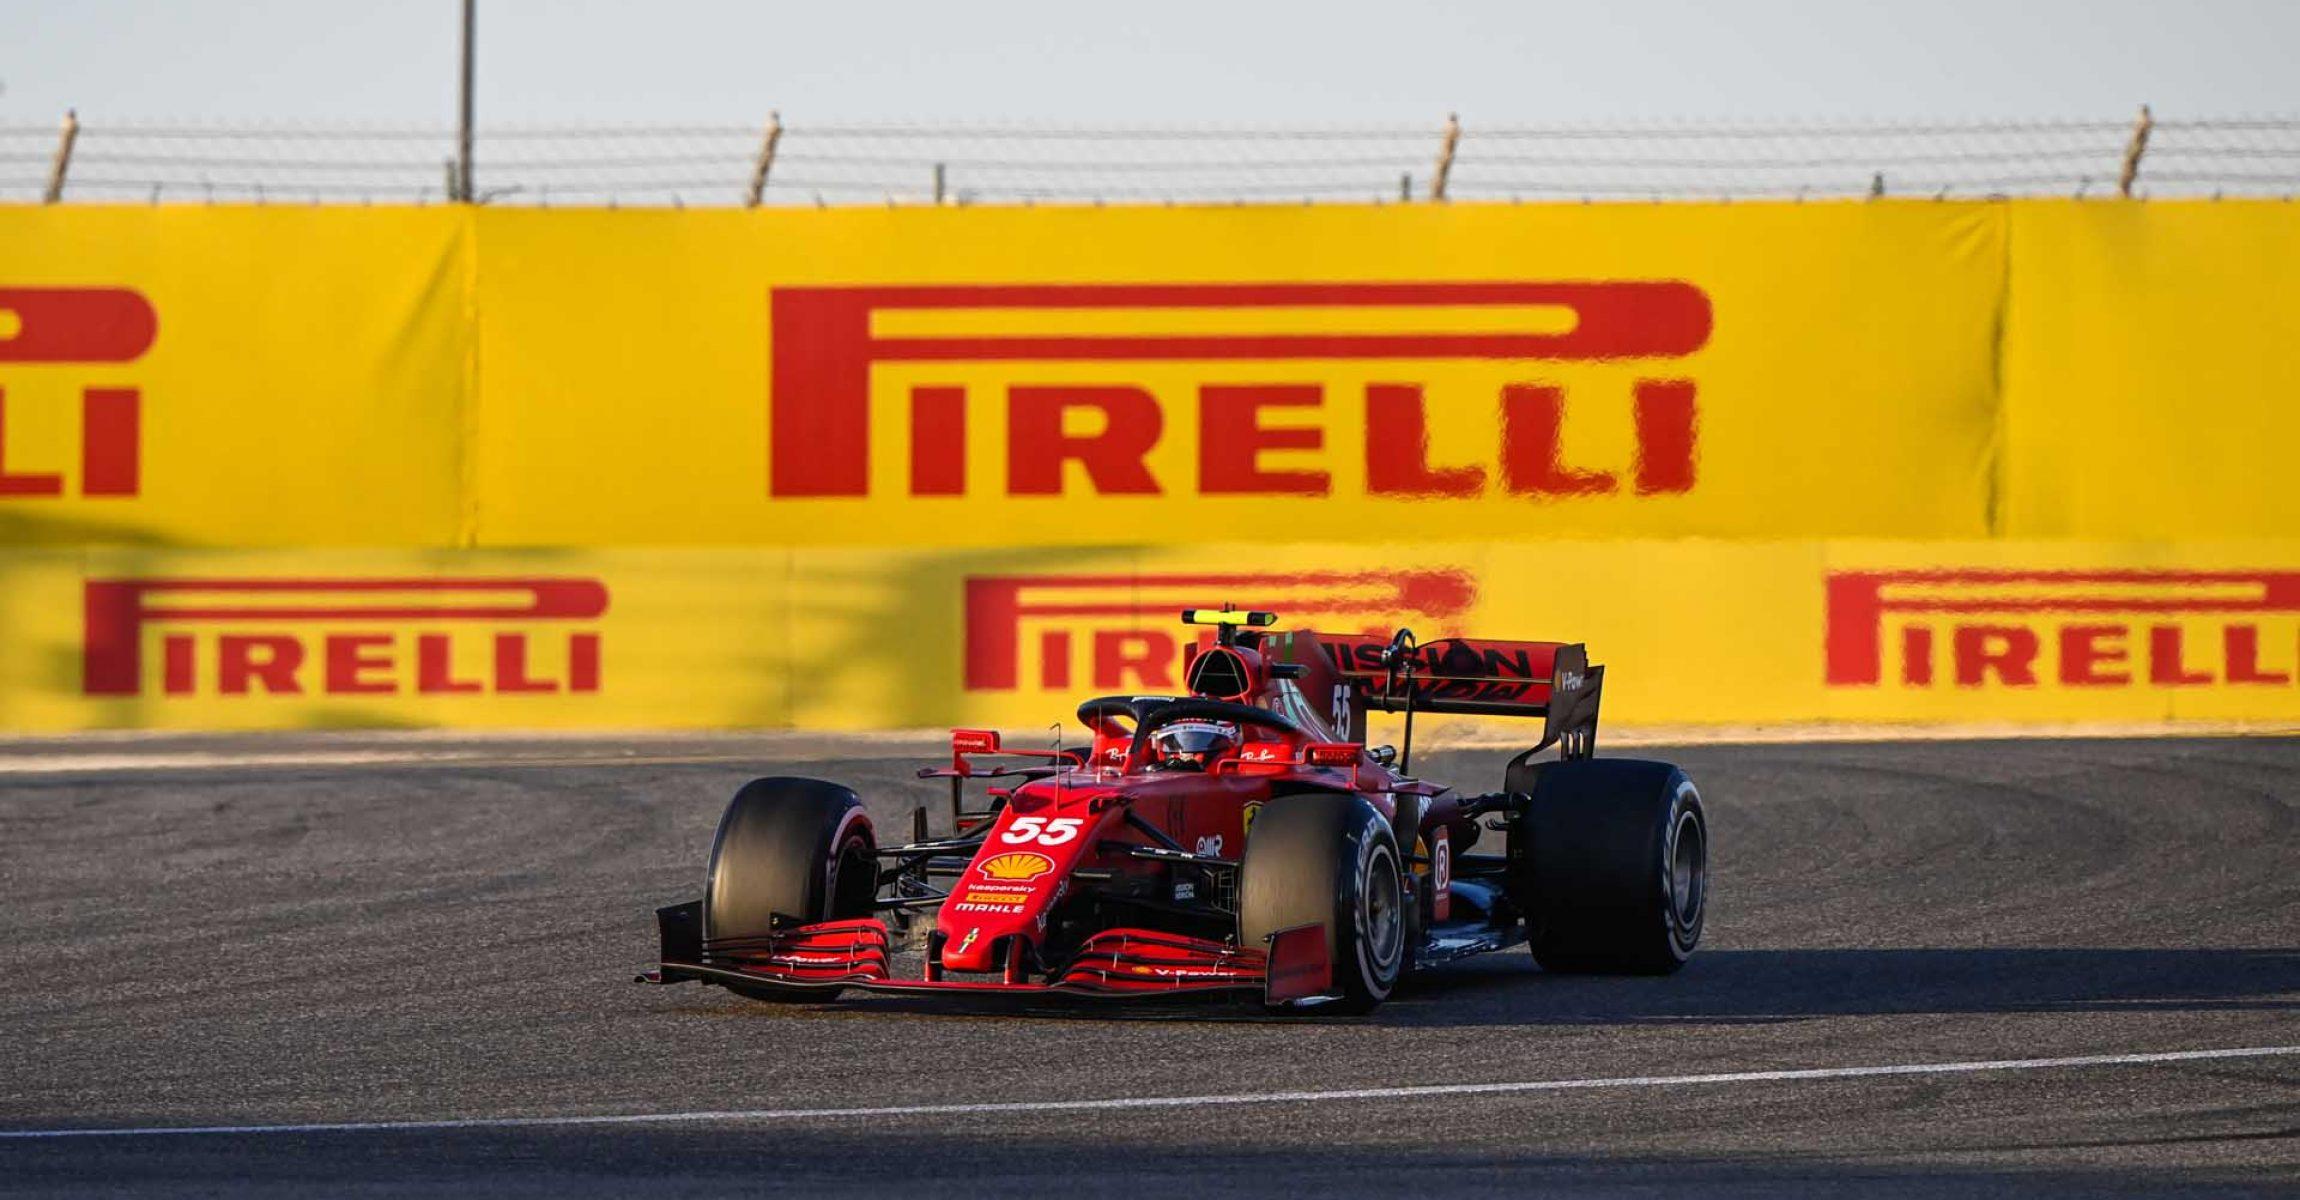 BAHRAIN INTERNATIONAL CIRCUIT, BAHRAIN - MARCH 14: Carlos Sainz, Ferrari SF21 during the Bahrain March testing at Bahrain International Circuit on Sunday March 14, 2021 in Sakhir, Bahrain. (Photo by Mark Sutton / LAT Images)